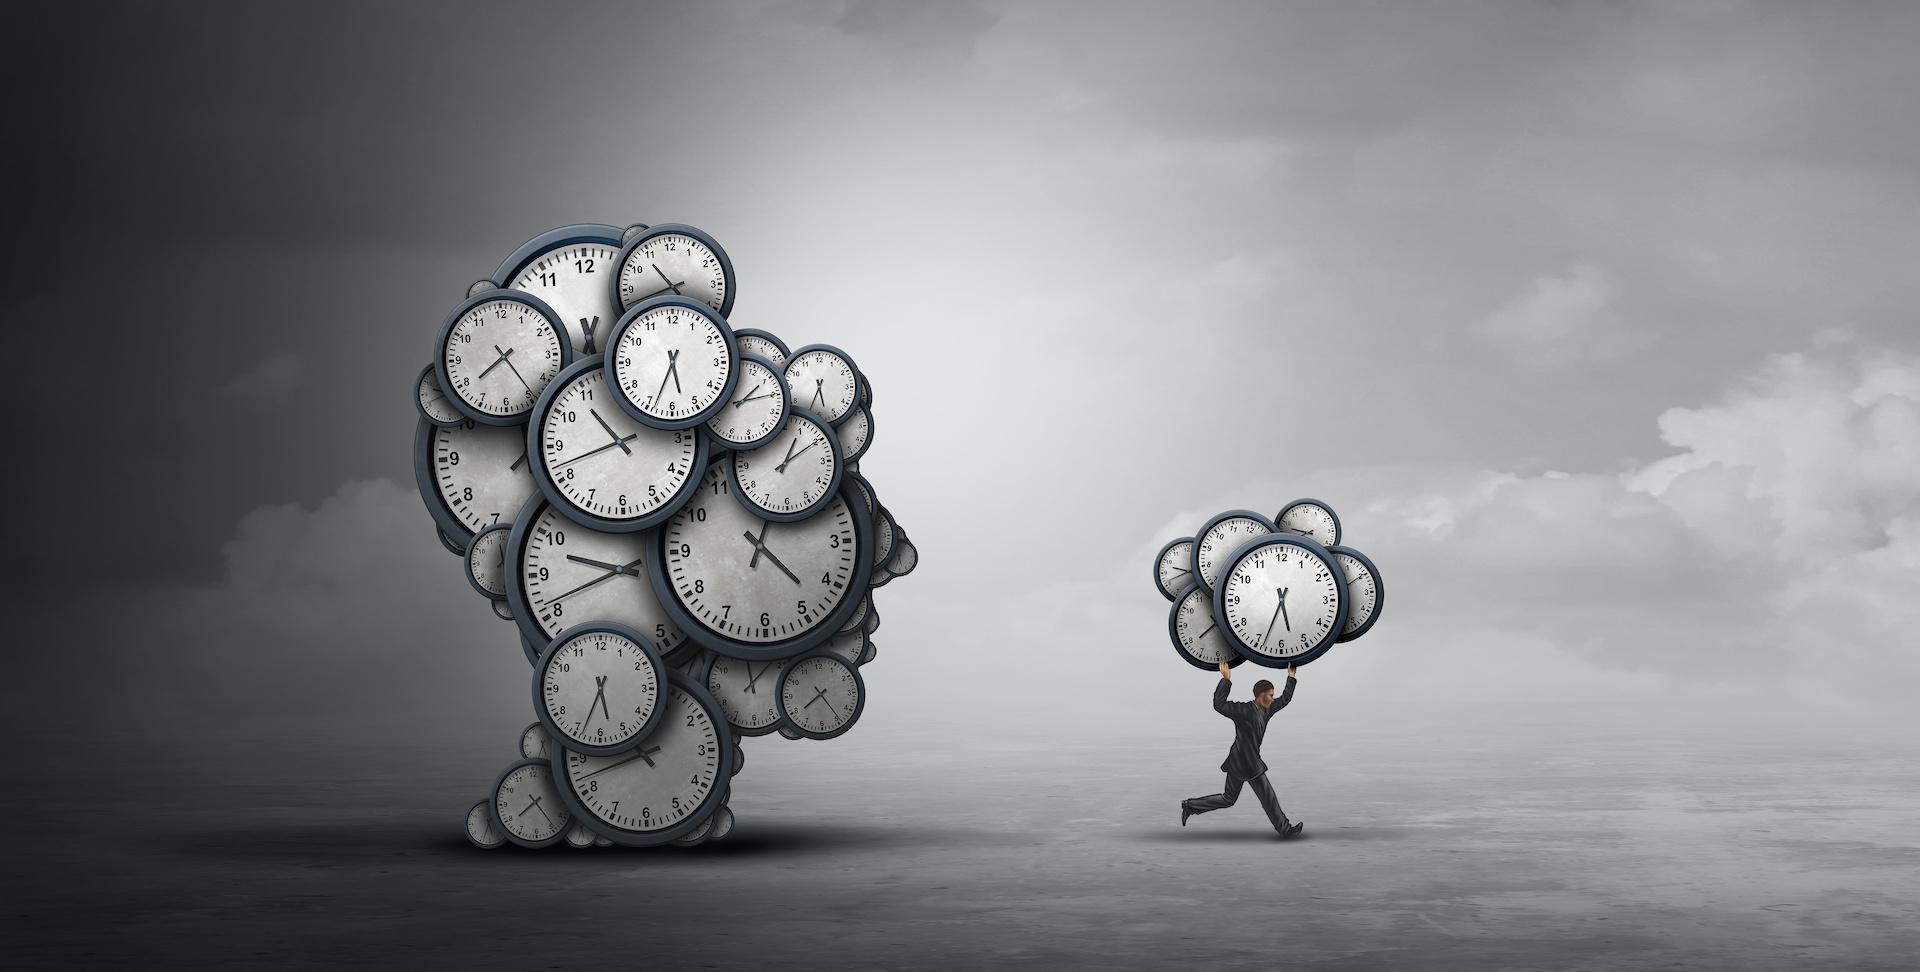 Zarządzanie czasem. Odwlekanie - to złodziej czasu. Grafika przedstawia biegnącego mężczyznę zawierającego część czasu jaki mamy.